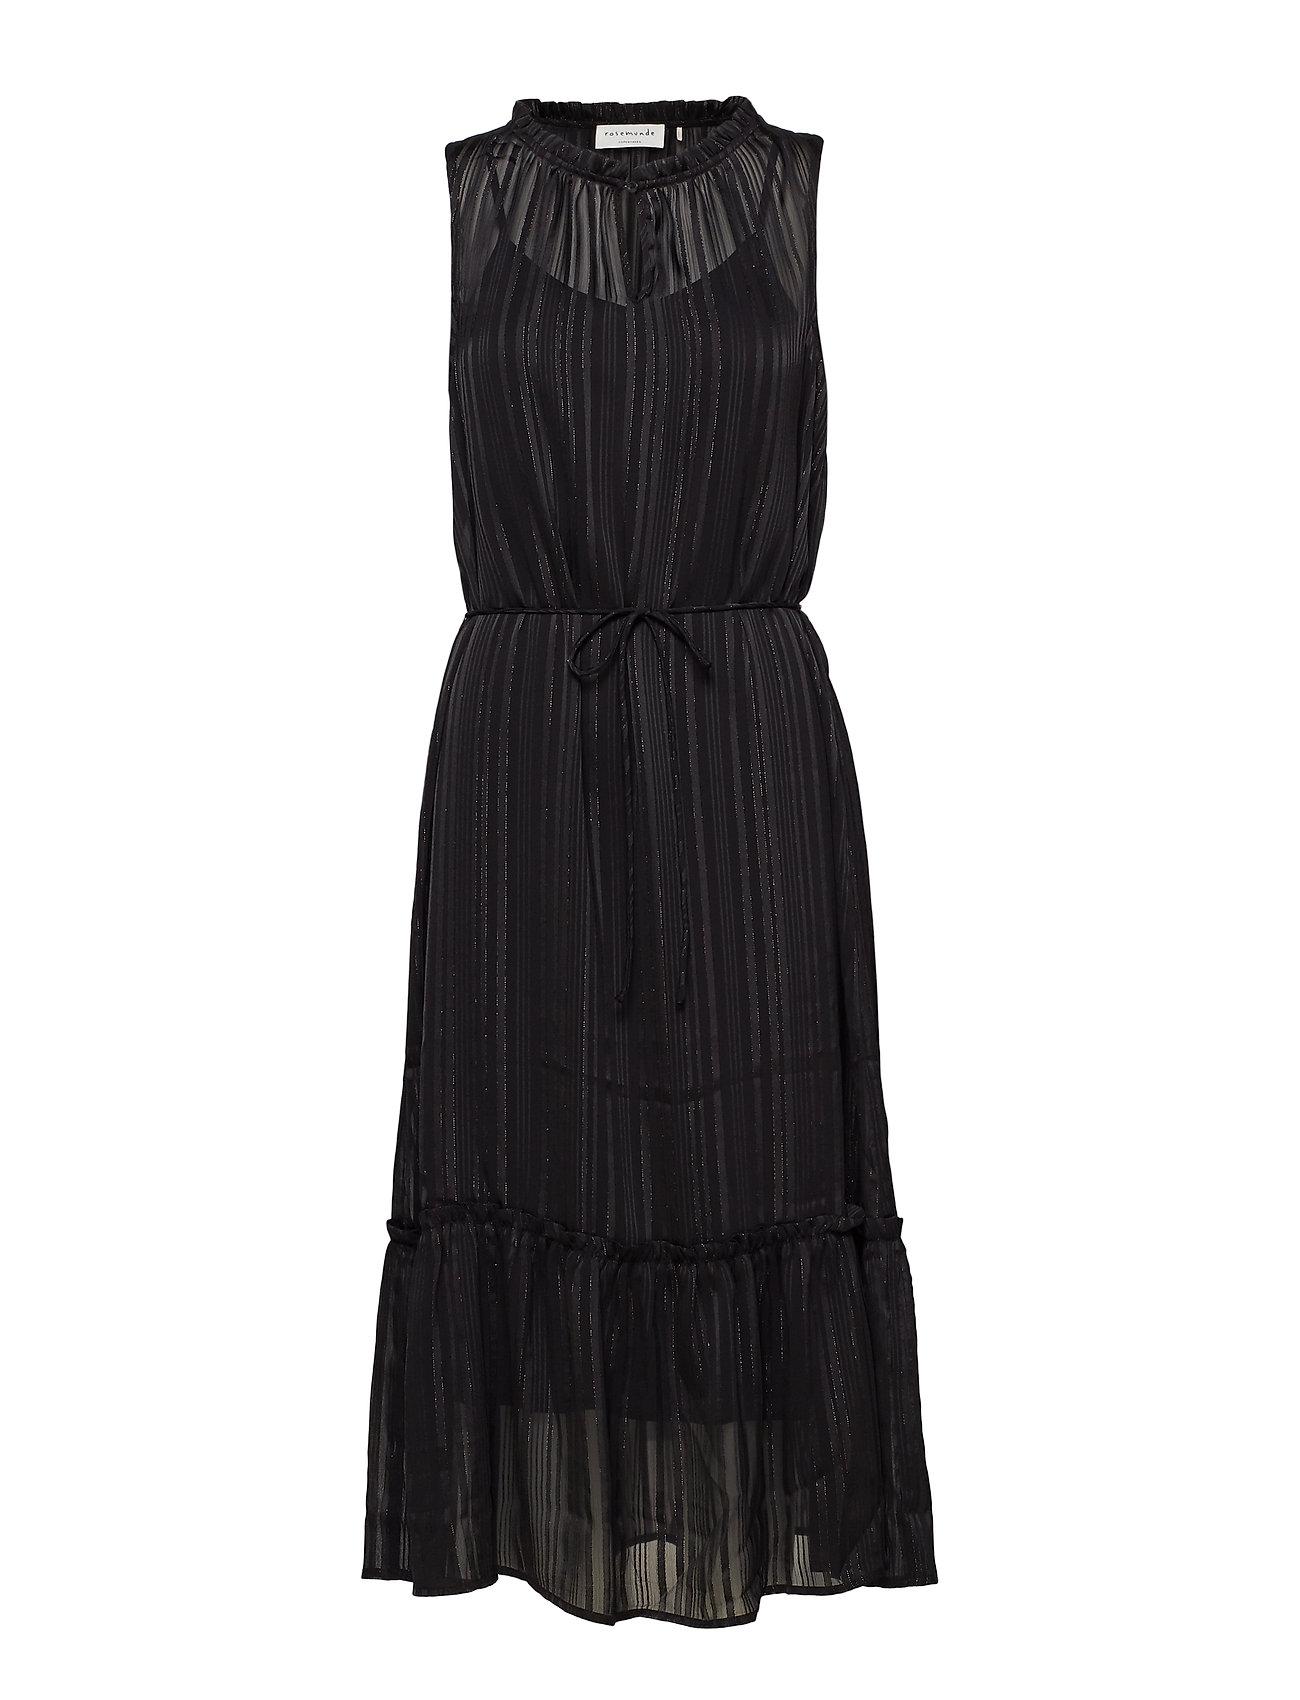 Rosemunde Dress - BLACK